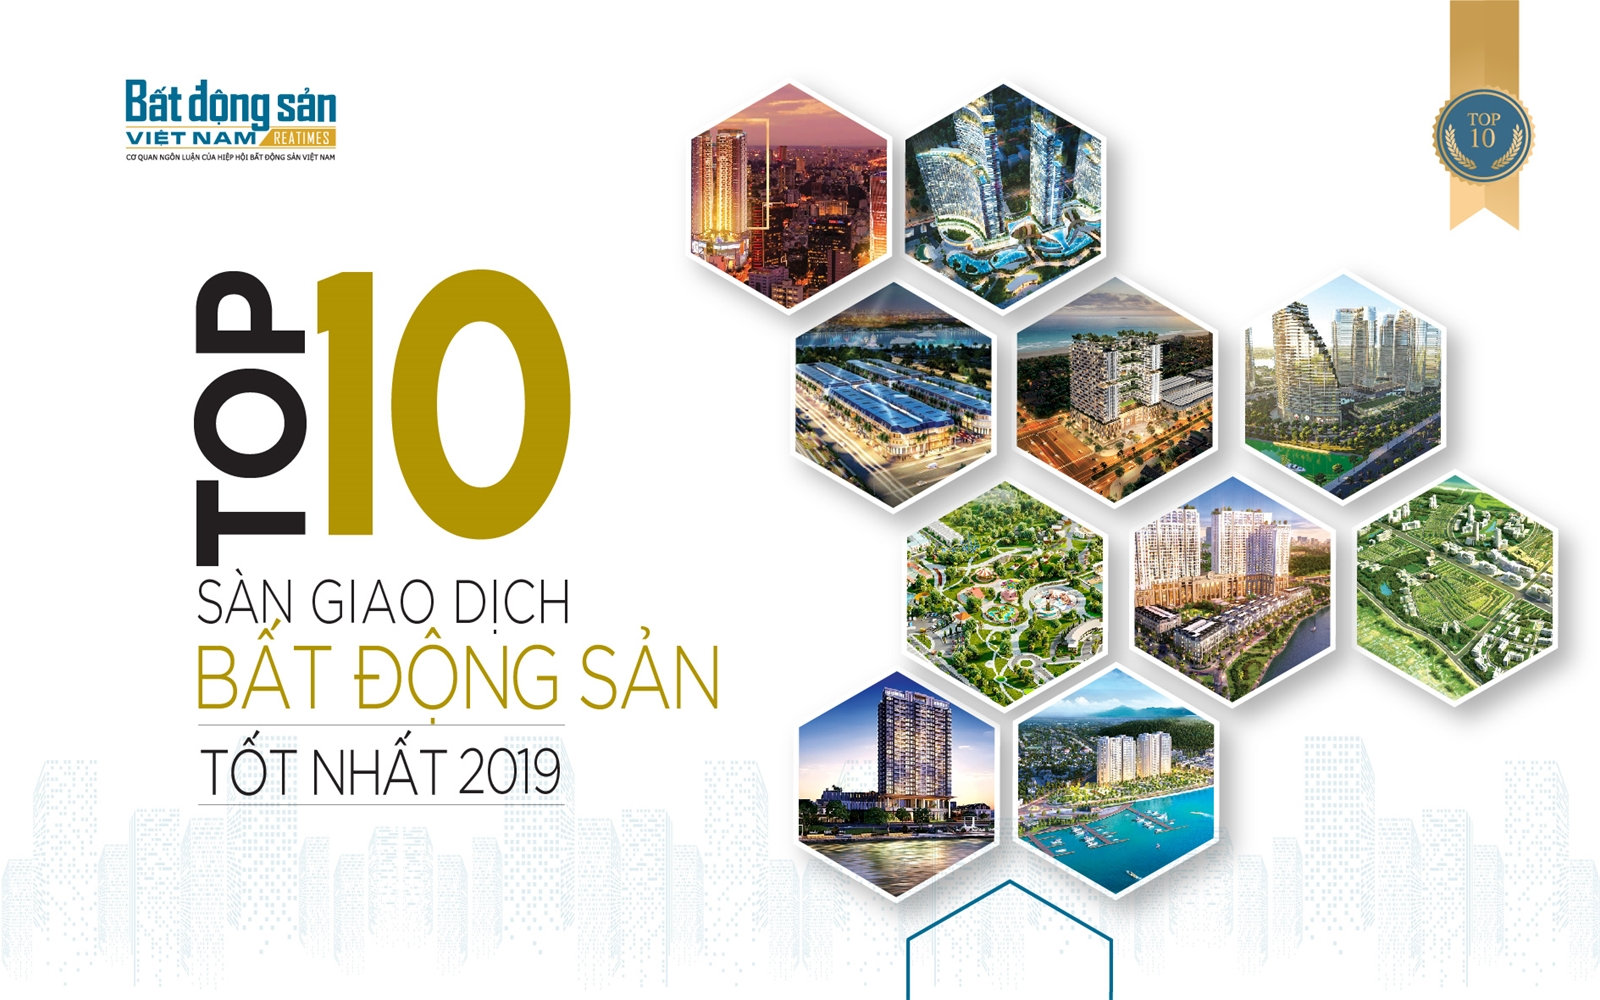 Top 10 sàn giao dịch bất động sản tốt nhất 2019